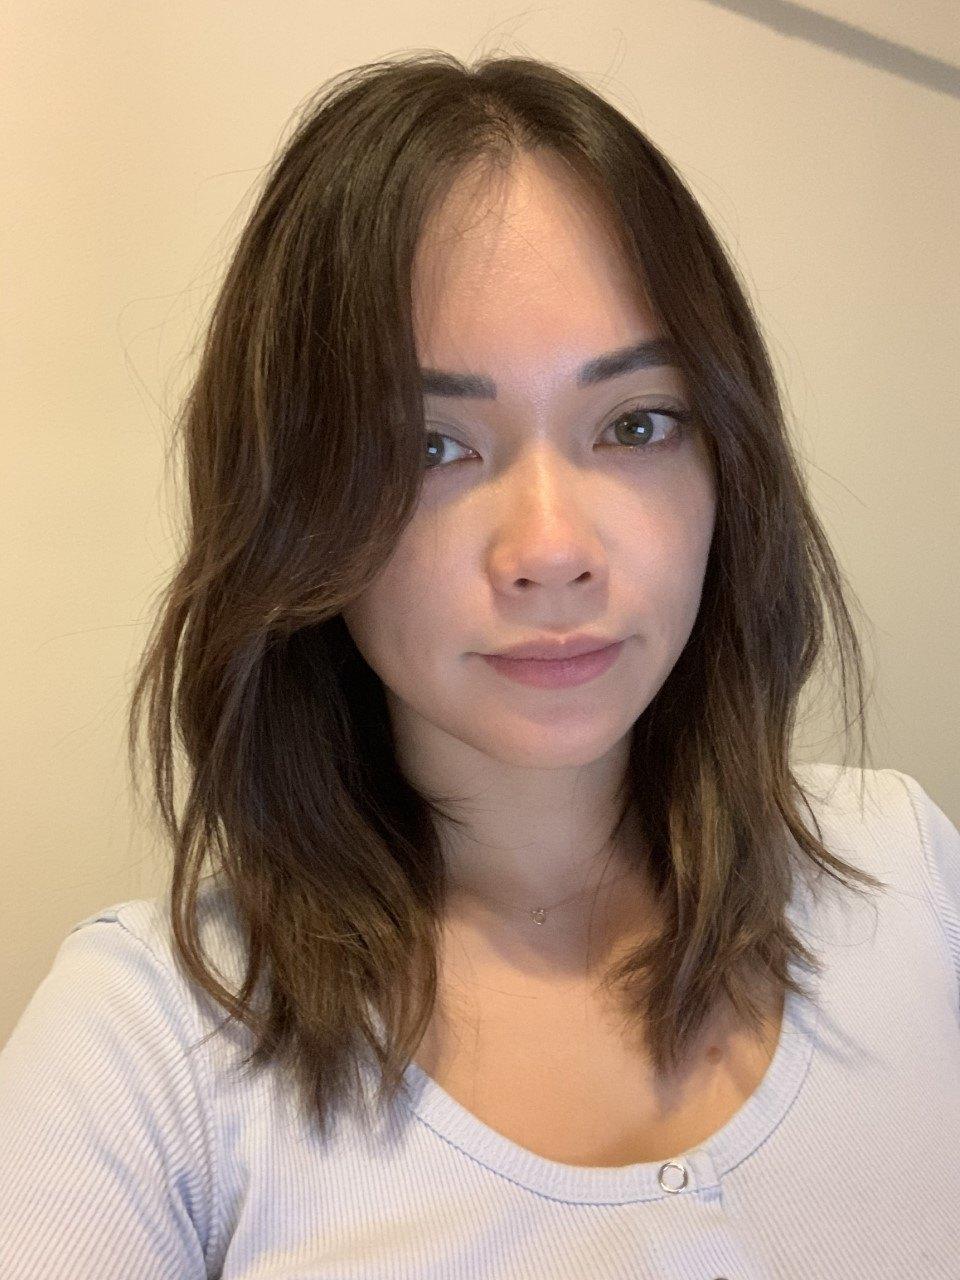 femme aux cheveux bruns ondulés de longueur moyenne